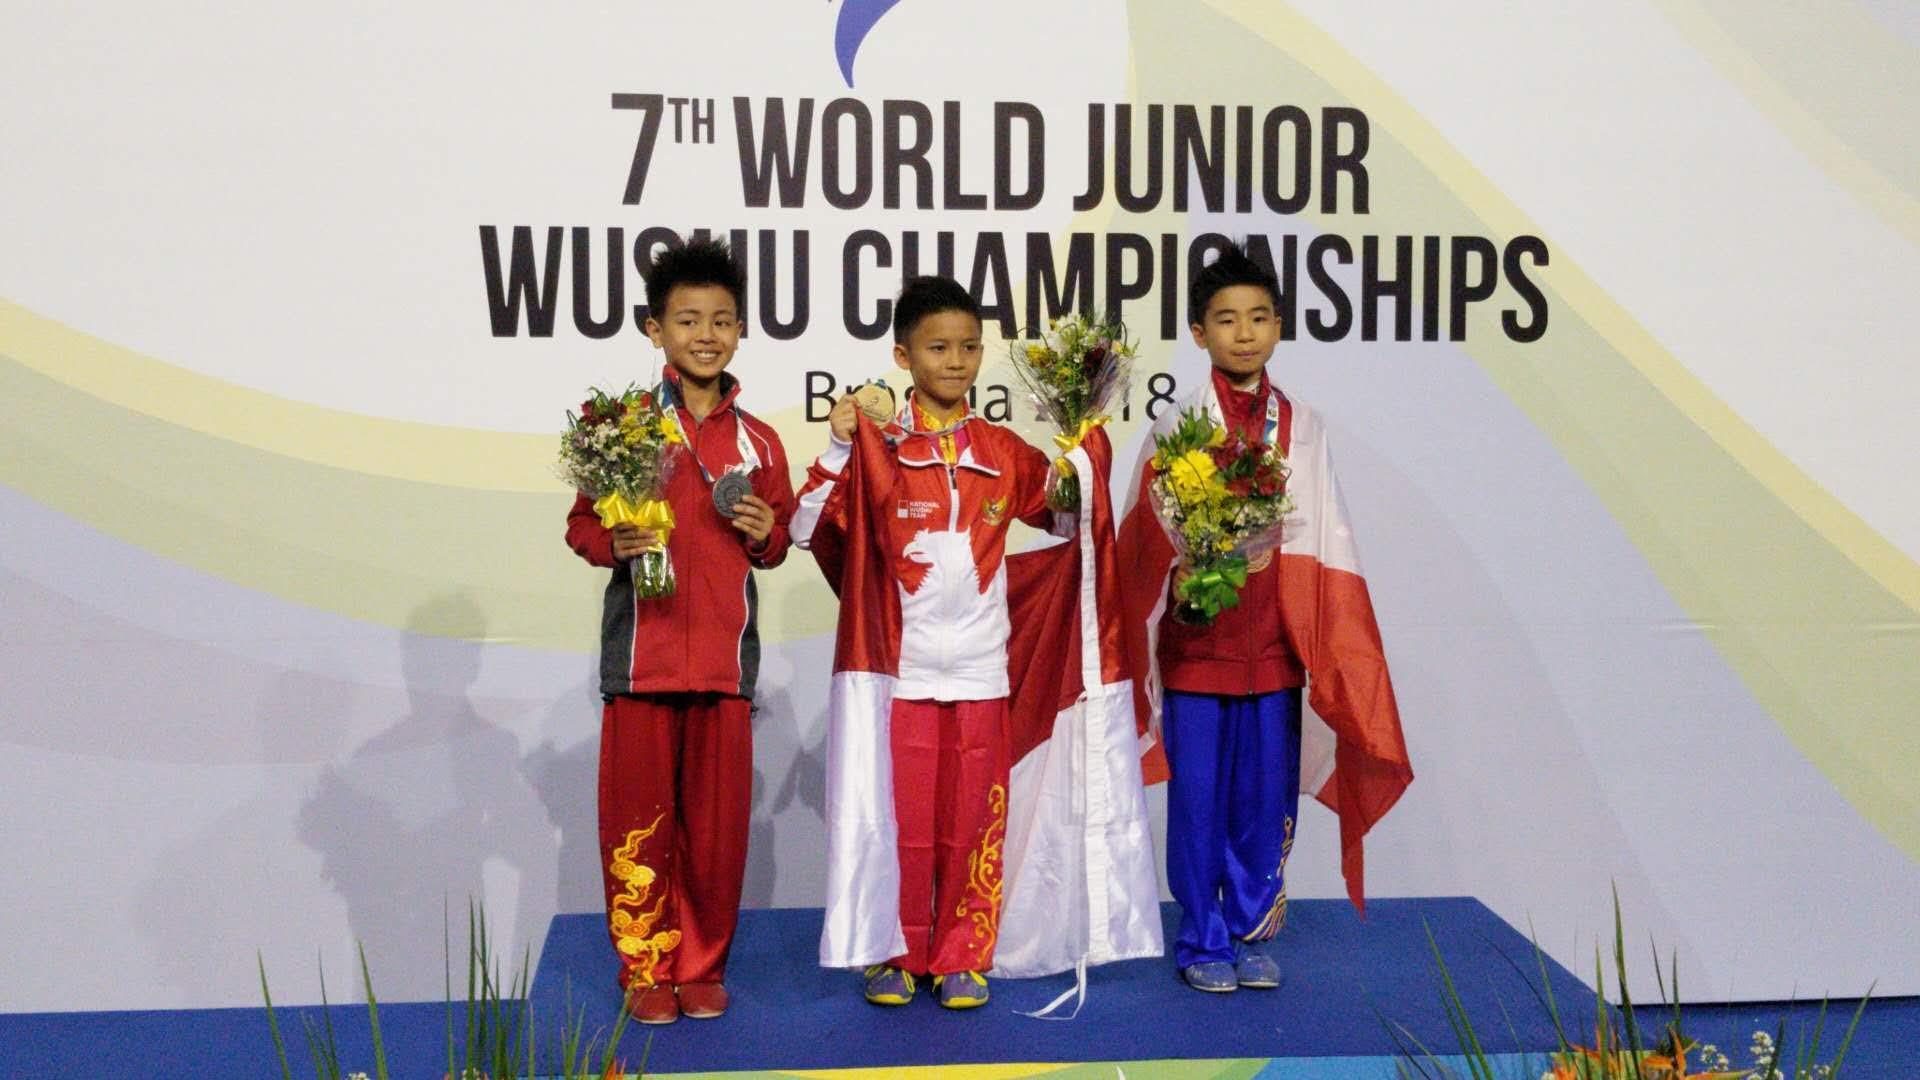 wayland-li-wushu-world-junior-wushu-brazil-team-canada-2018-20.jpg